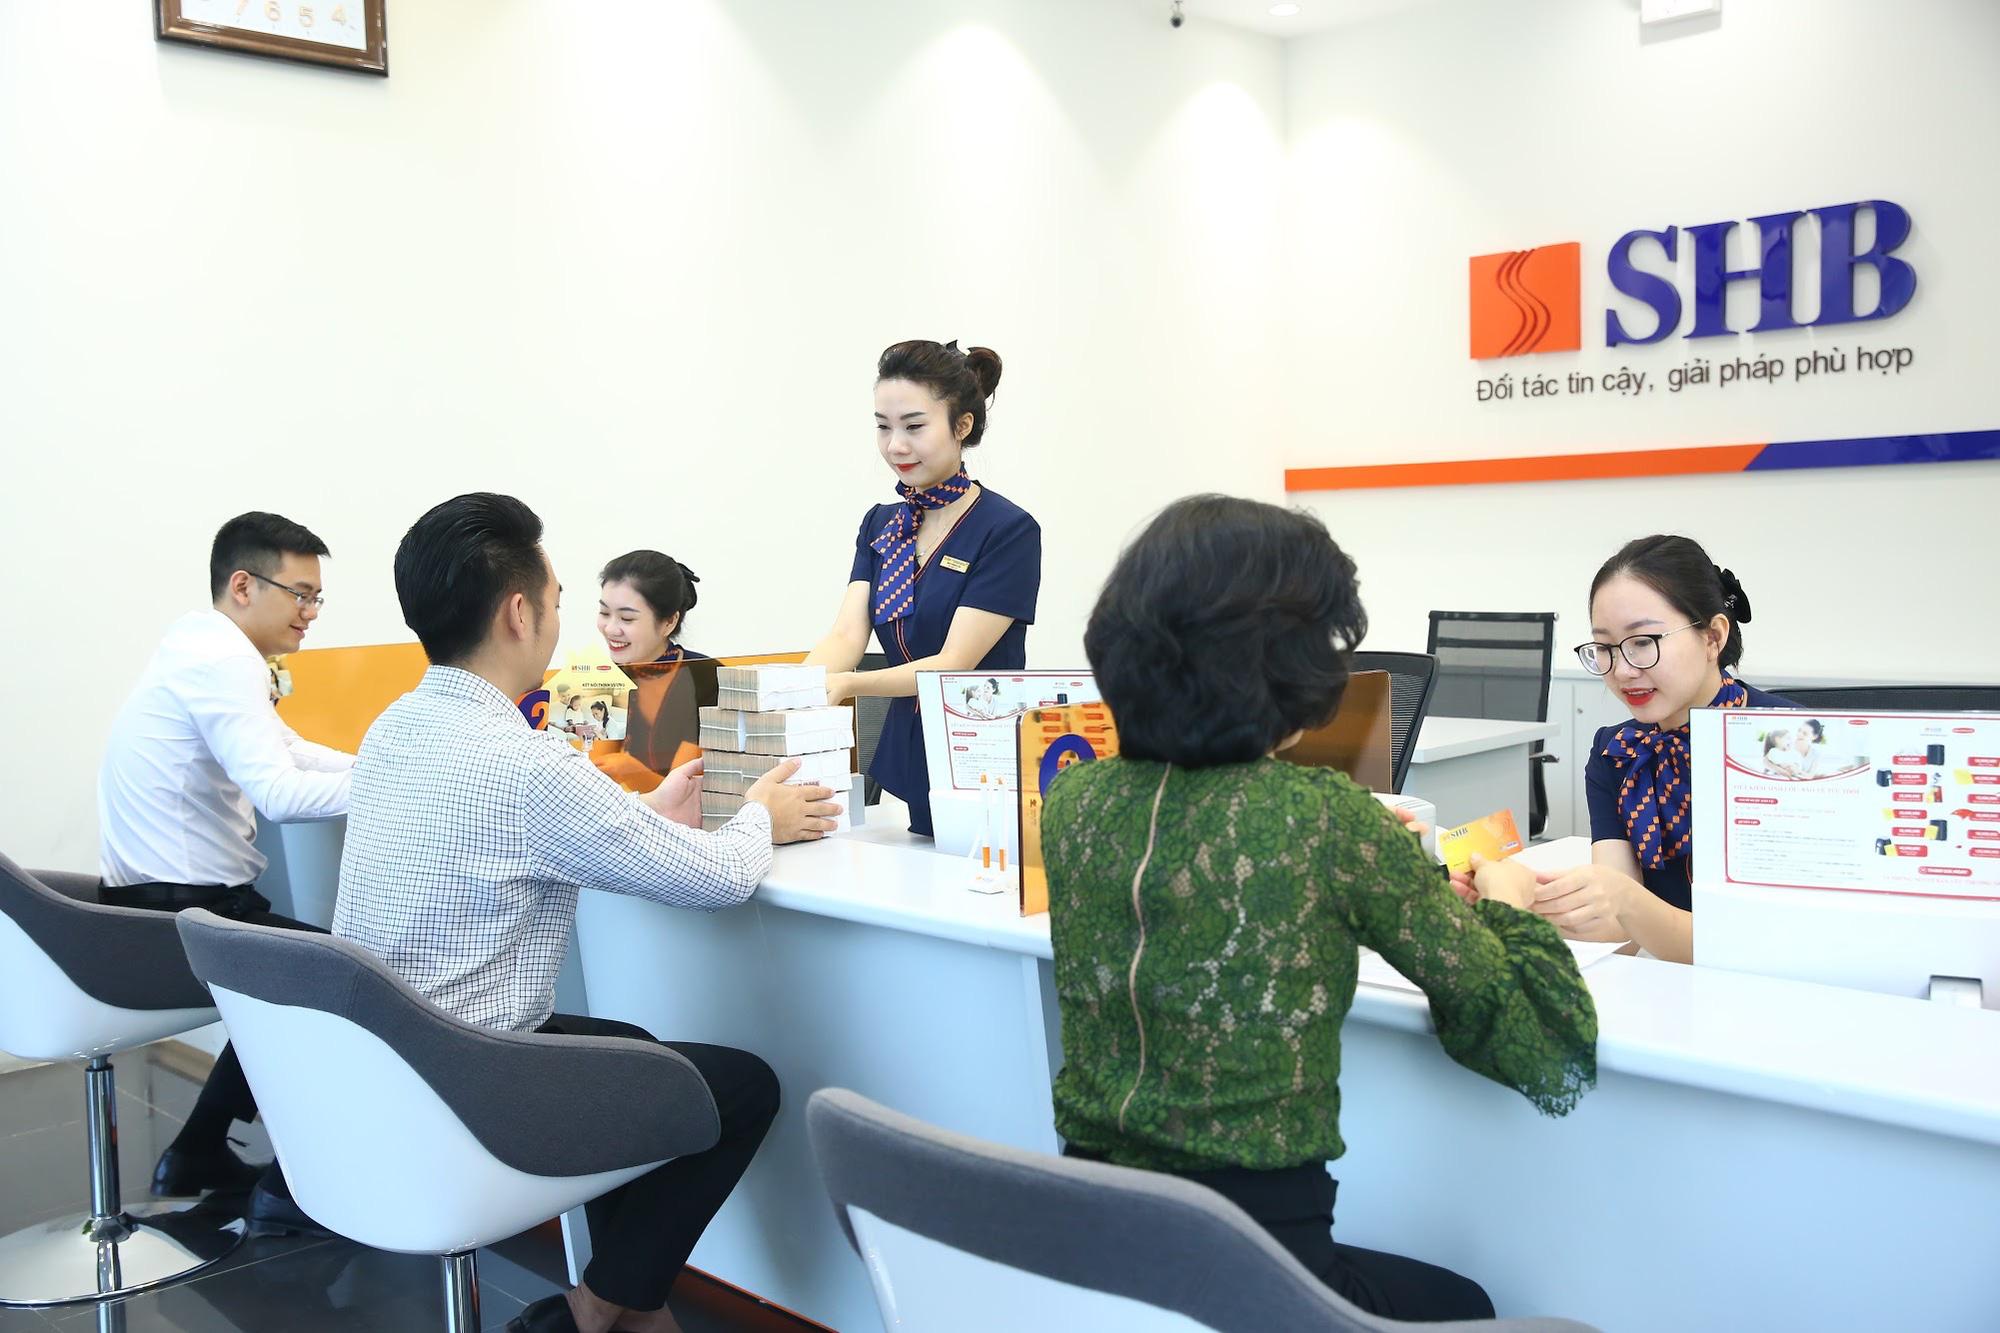 """""""SHB - Tân Sửu Tấn Lộc"""" tặng khách hàng 5 tỷ đồng khi tiết kiệm và ưu đãi lãi suất 5,85% khi vay - Ảnh 1."""